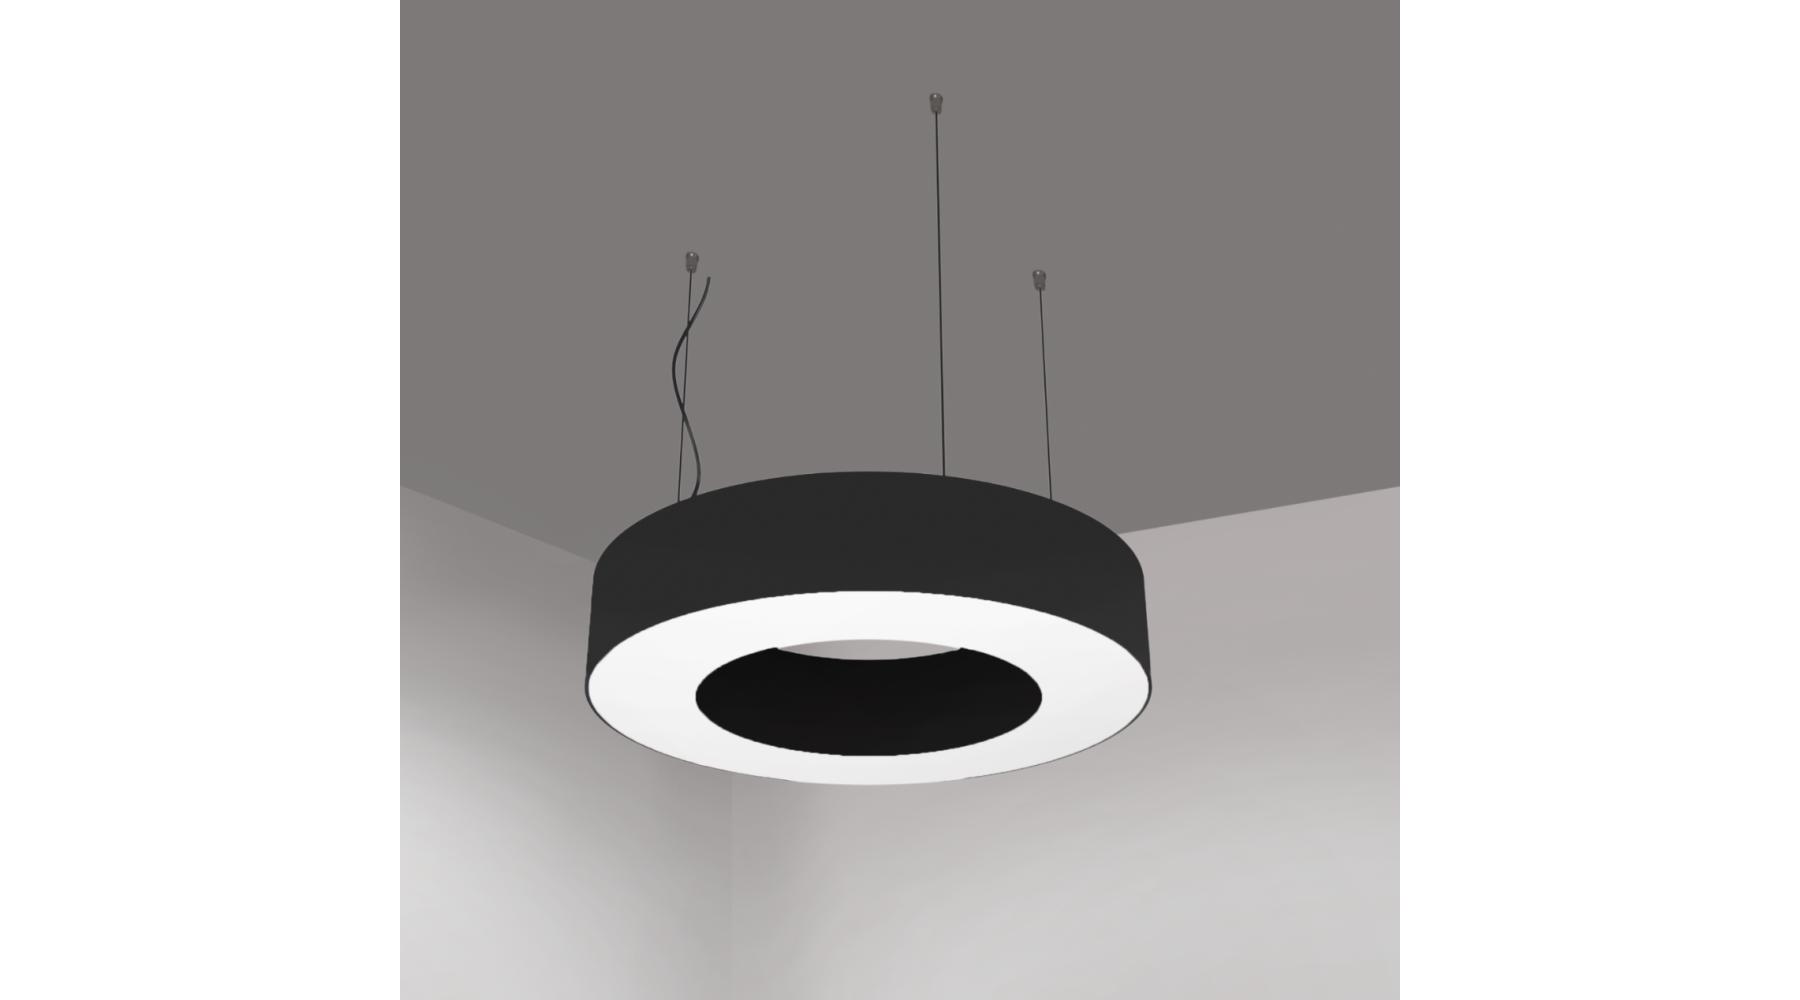 Кольцевой светодиодный светильник SUNRing - d600х100мм S=80мм, 41Вт, 3730Лм, IP20